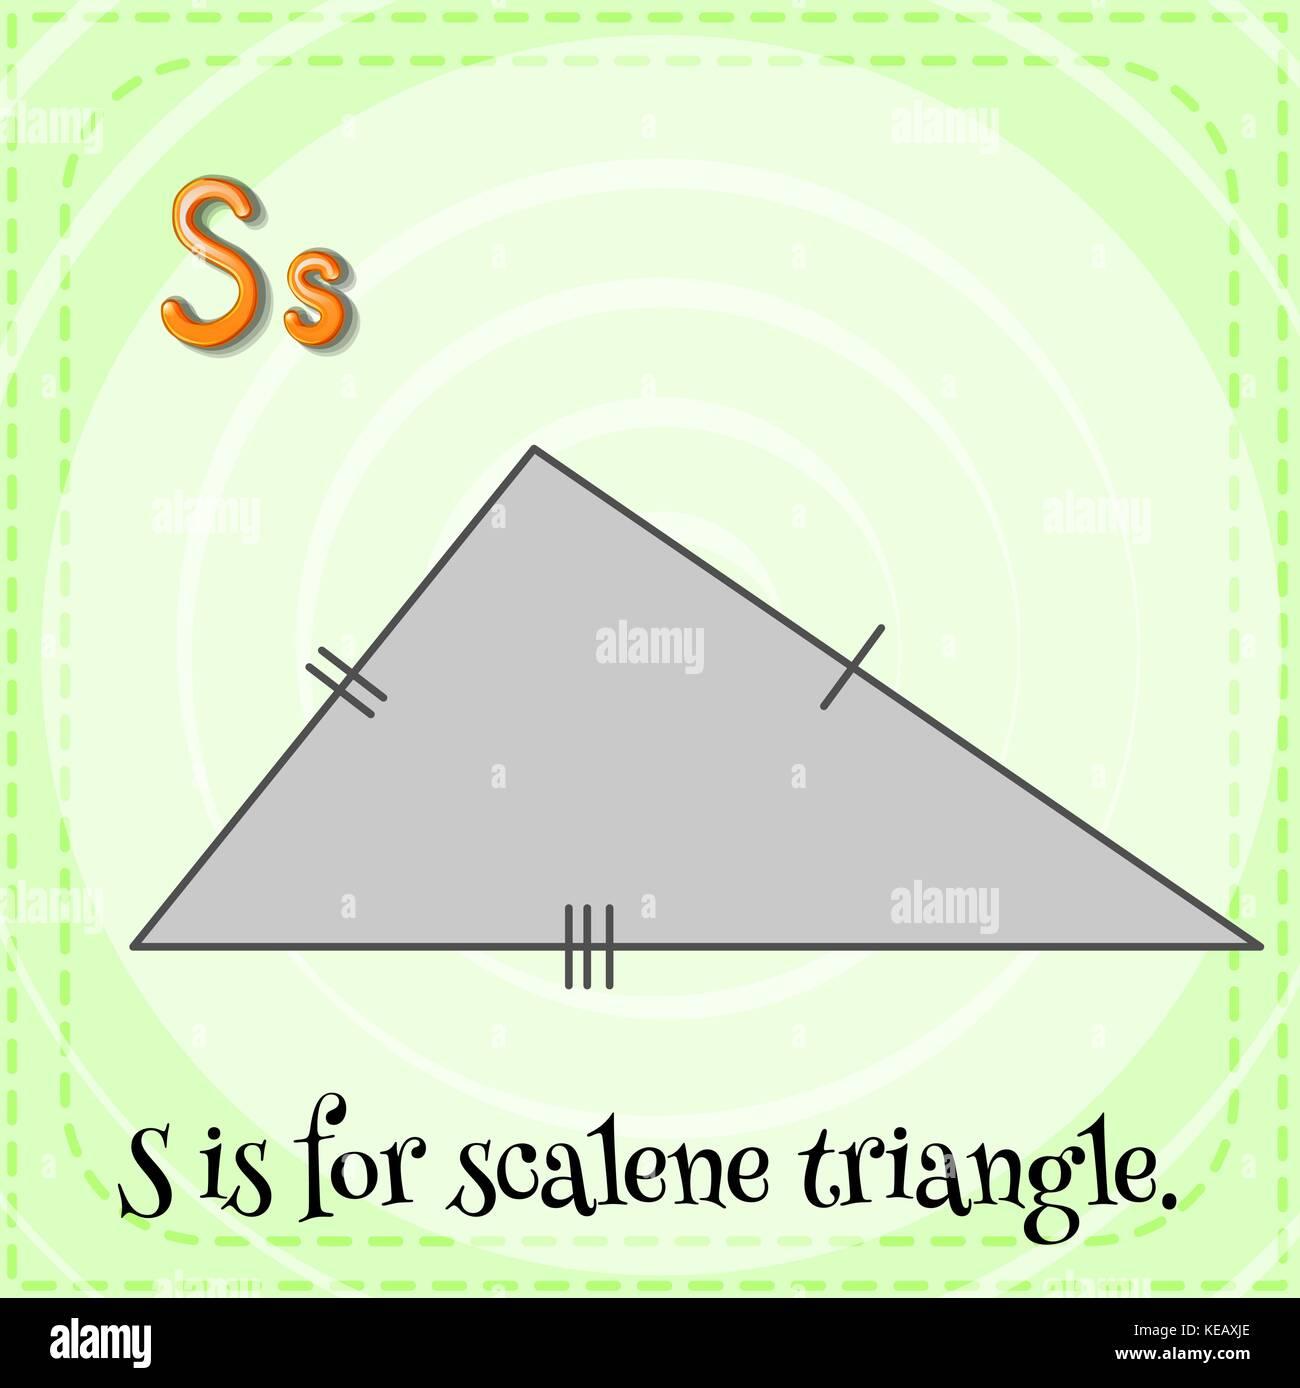 Scalene Imágenes De Stock & Scalene Fotos De Stock - Alamy